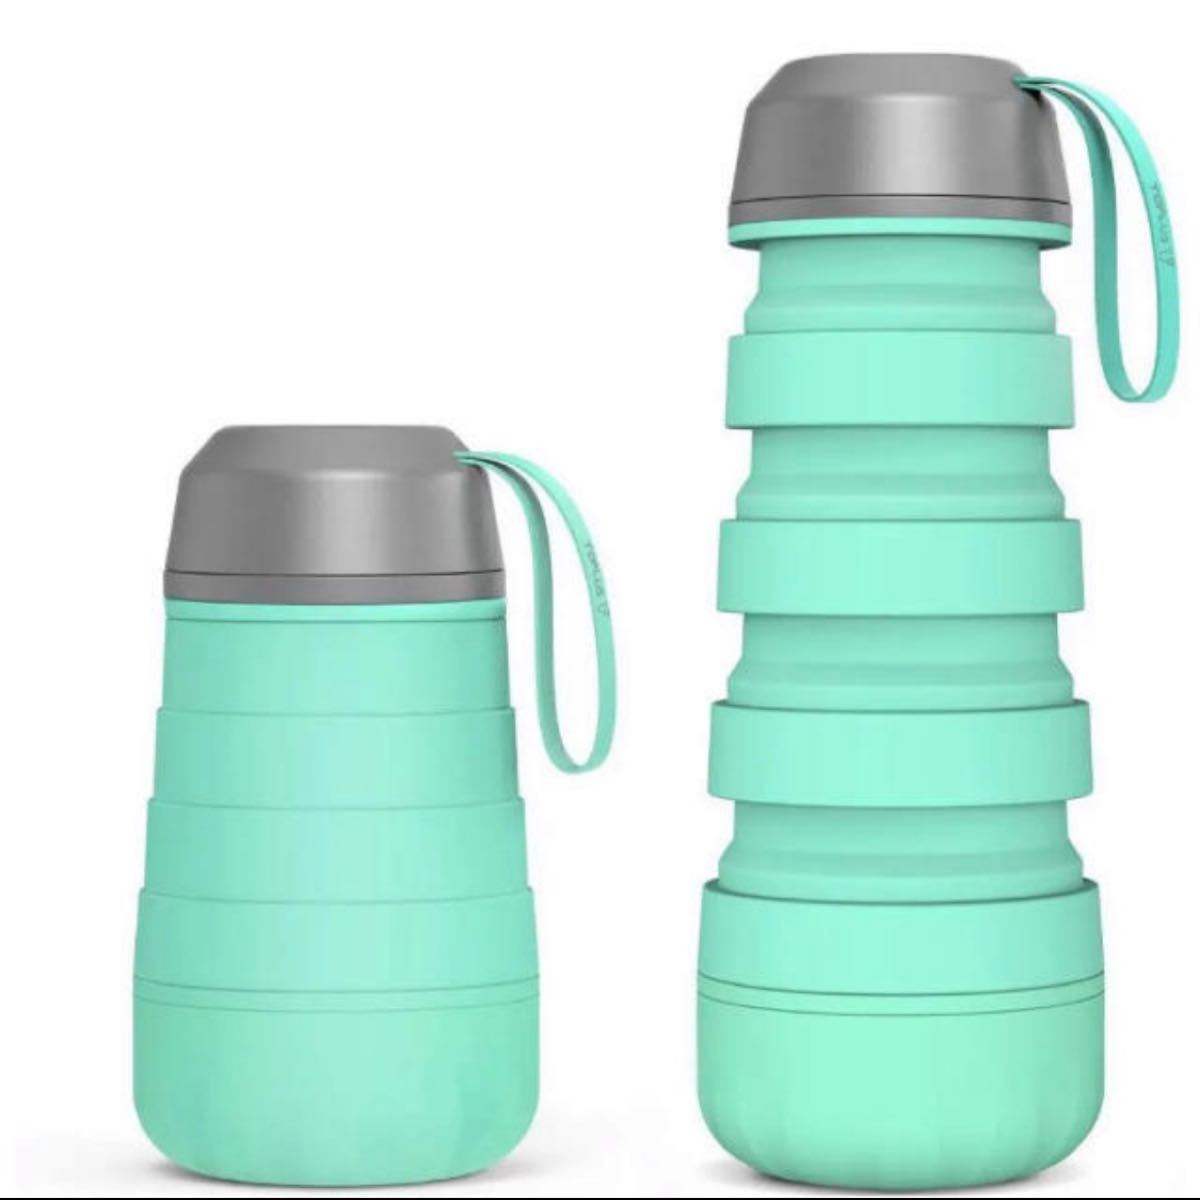 スポーツボトル 折りたたみ水筒 400ml